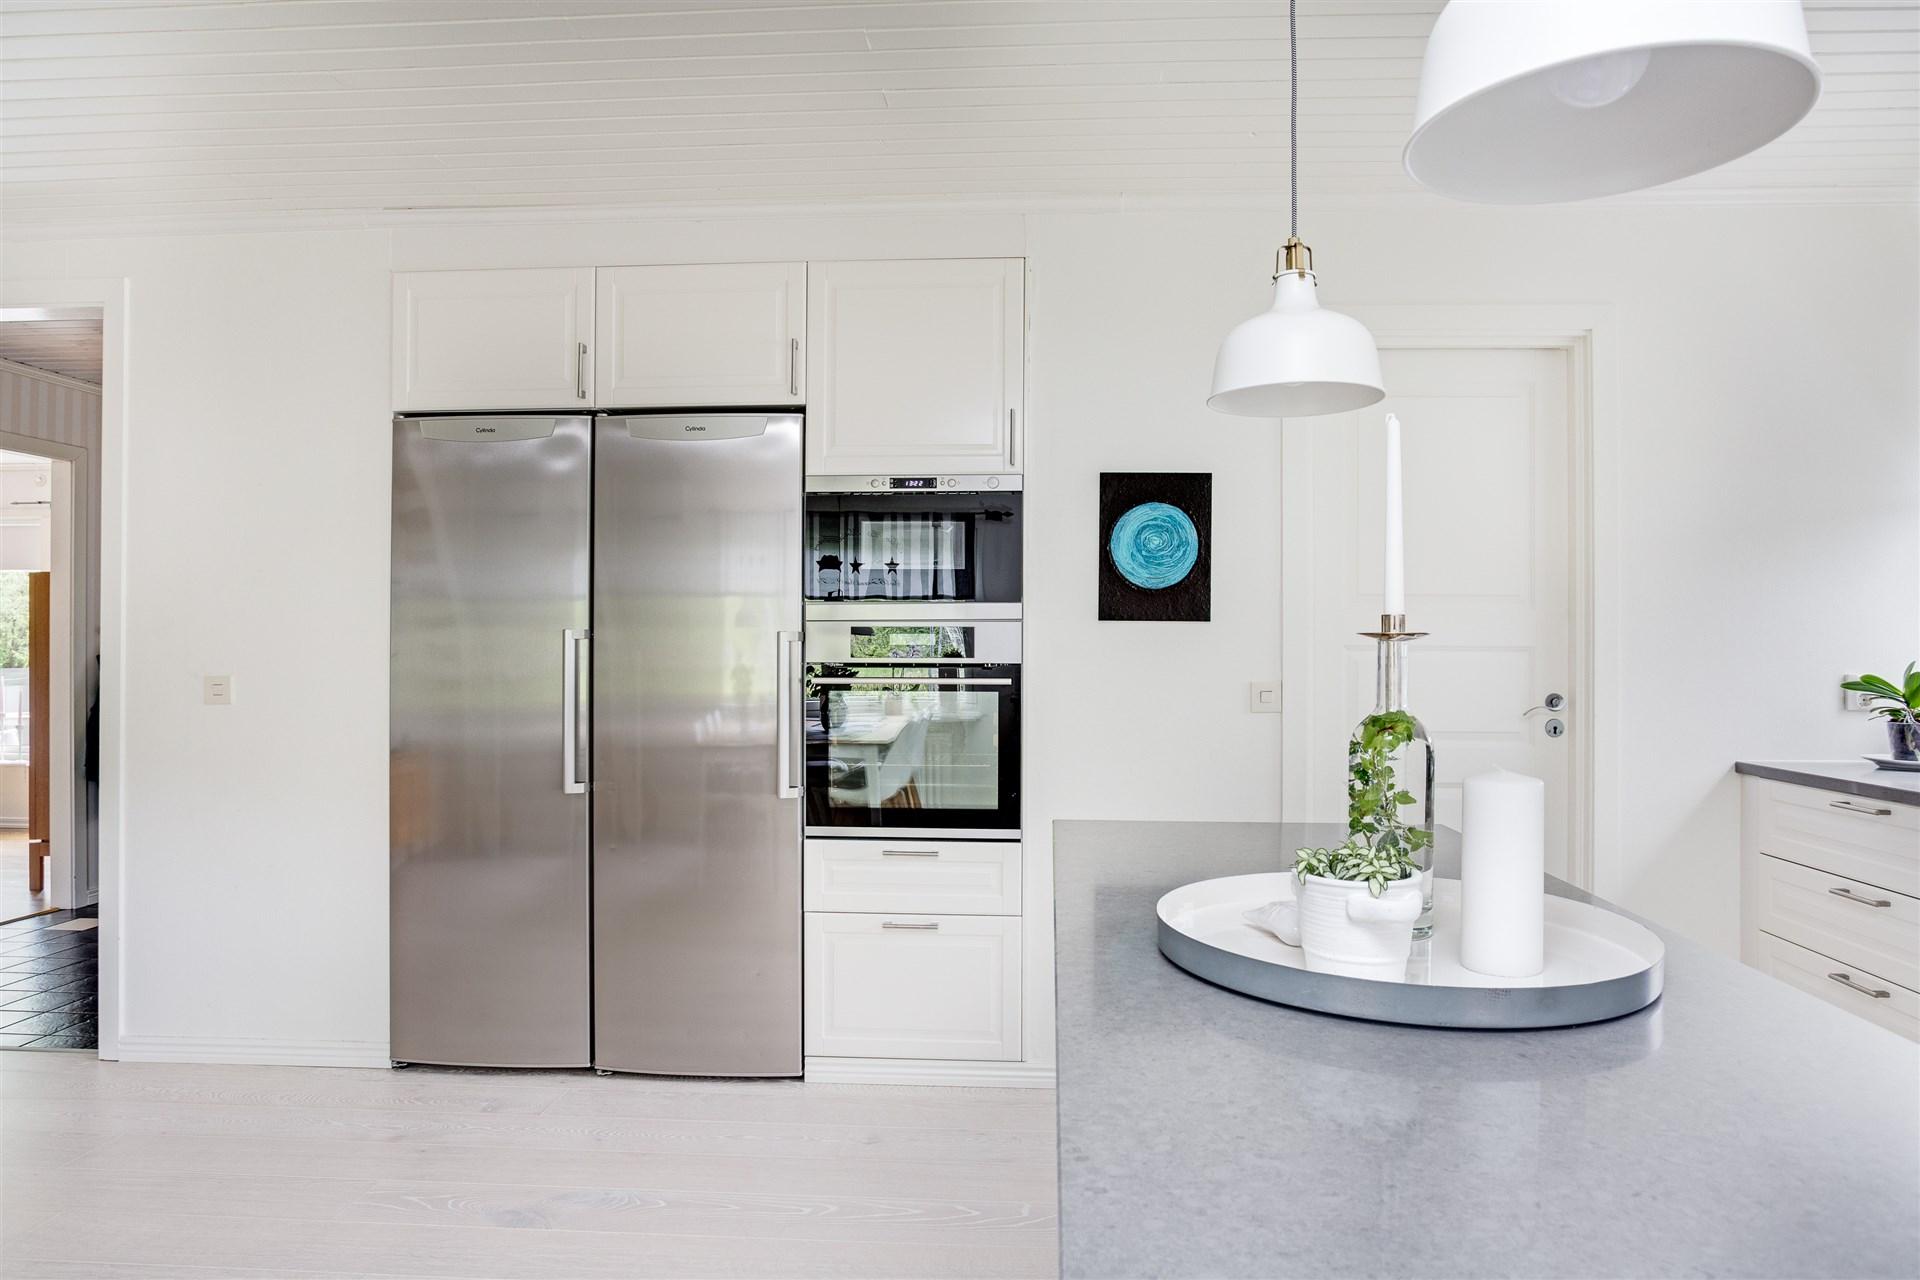 Inbyggd microugn, ugn och fullstor kyl och frys. Här finns utgång till groventré/tvättstuga.